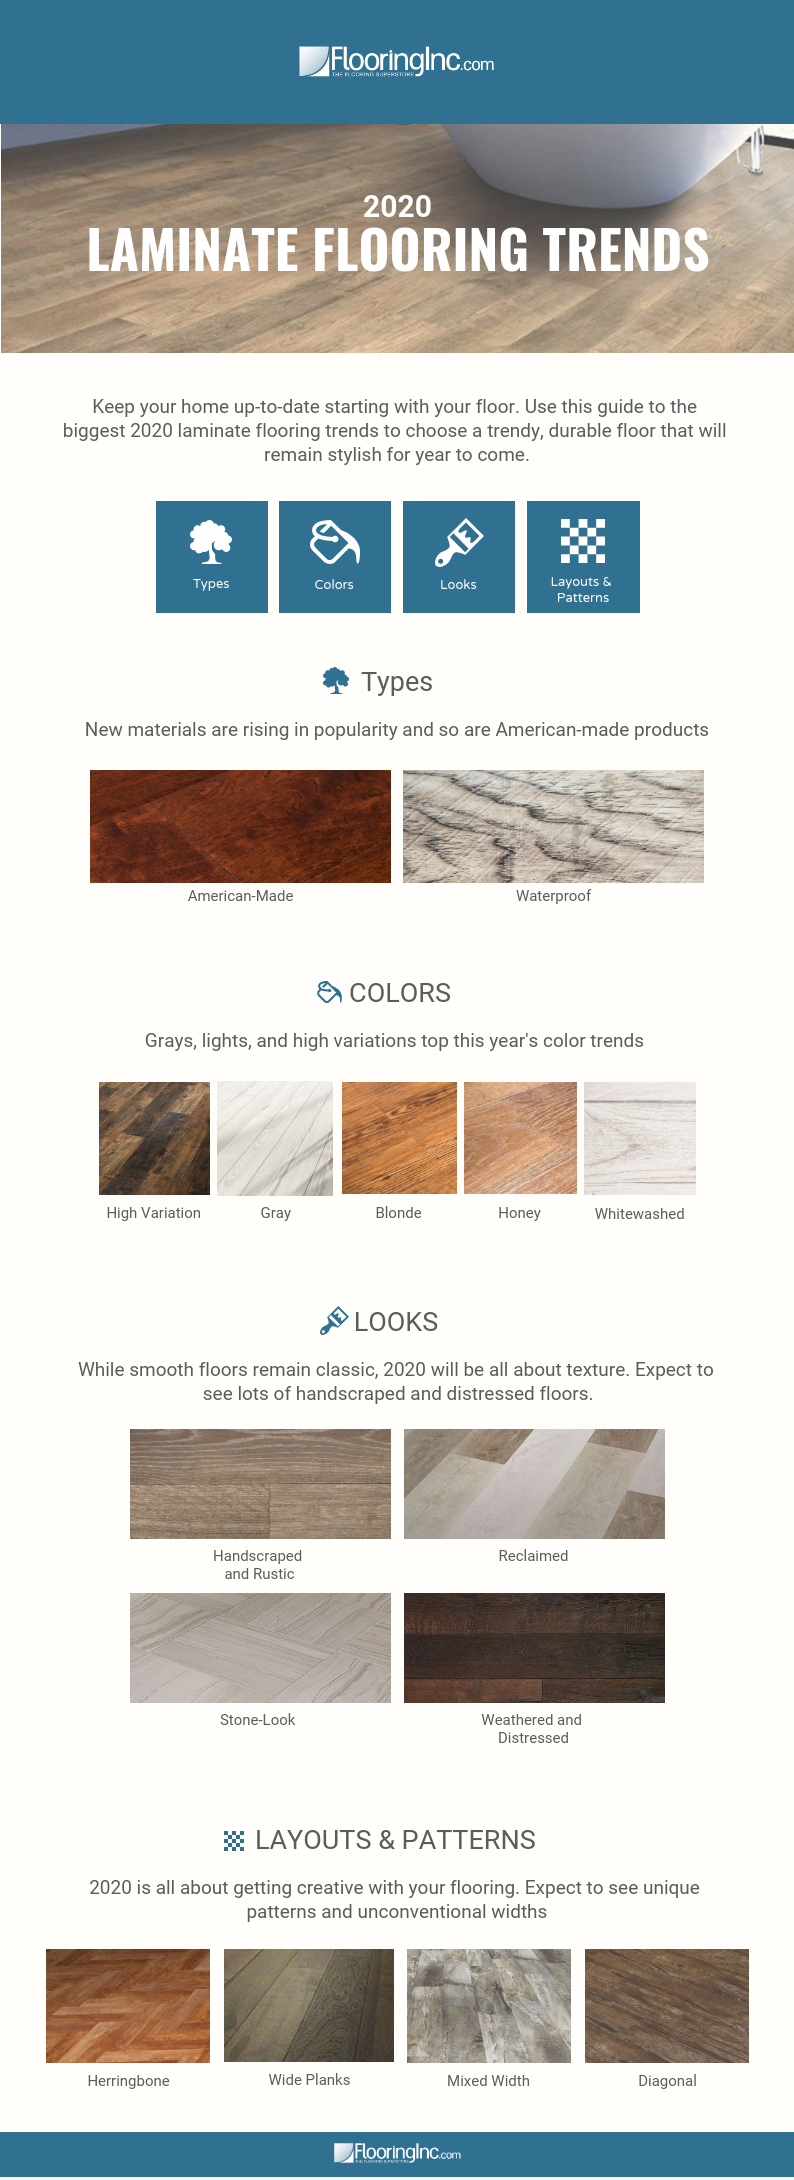 FlooringInc 2020 Laminate Flooring Trends infographic